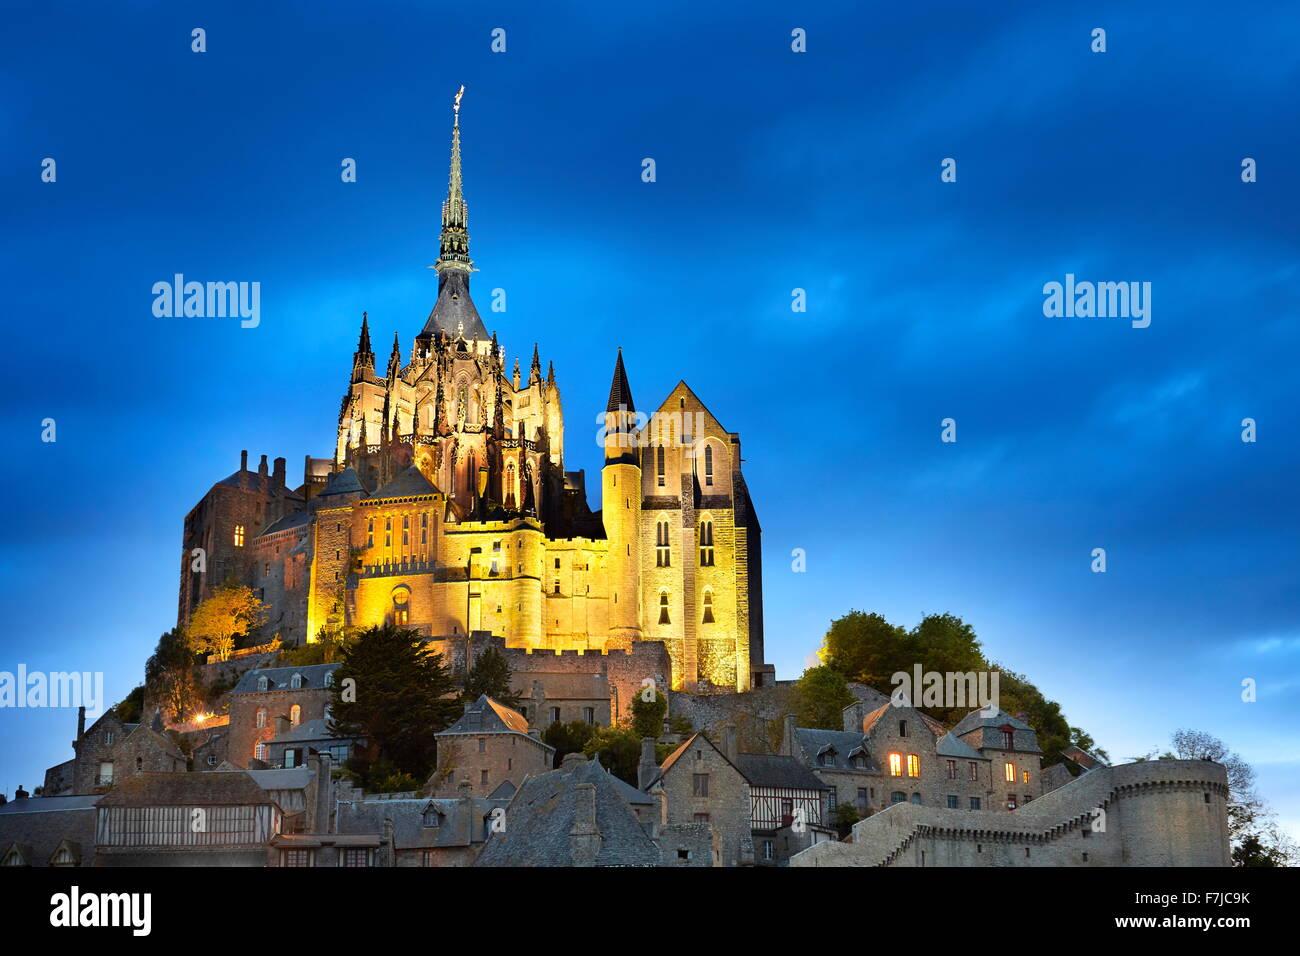 Mont Saint Michel am Abend, Normandie, Frankreich Stockfoto